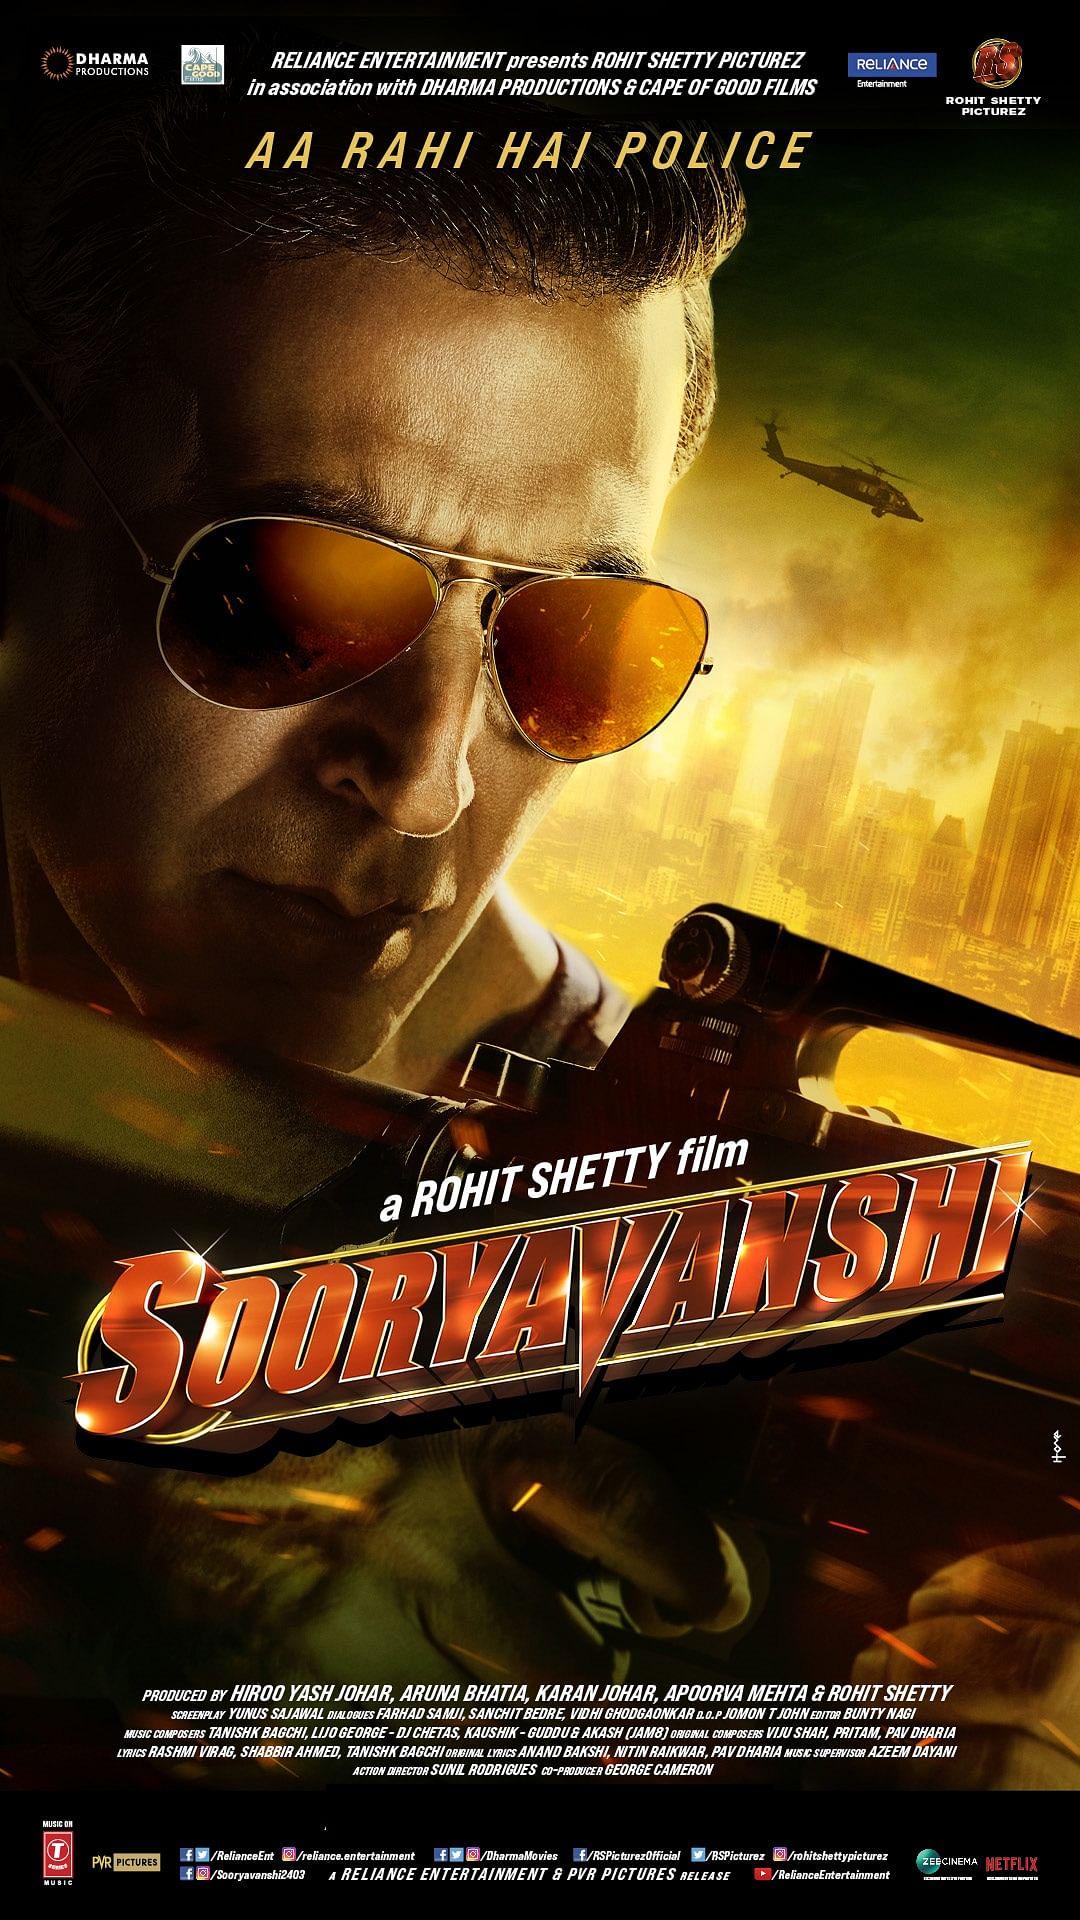 <i>Sooryavanshi's</i> official poster.